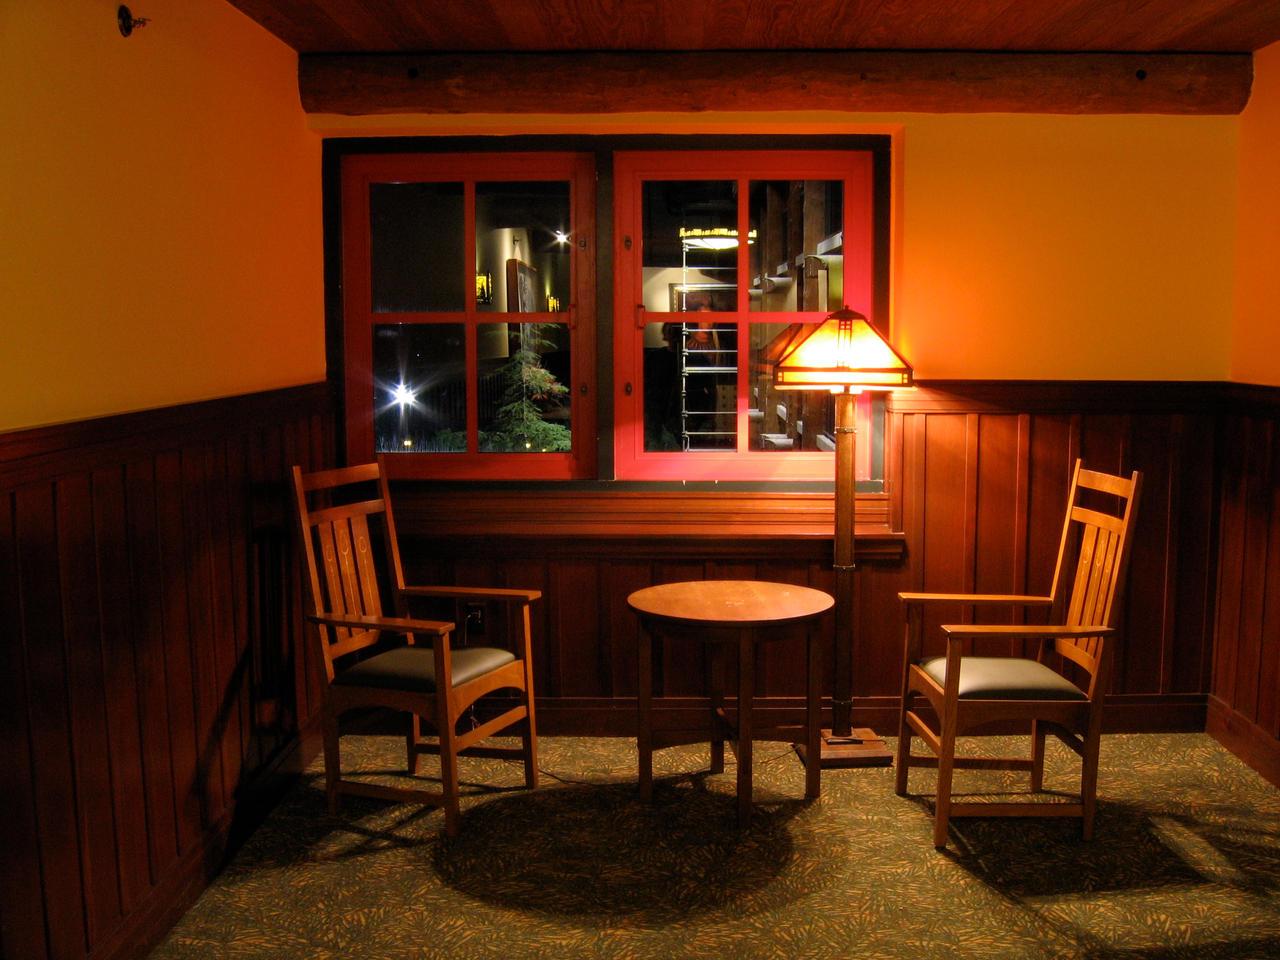 Wilderness Lodge Upstairs 1 by AreteStock